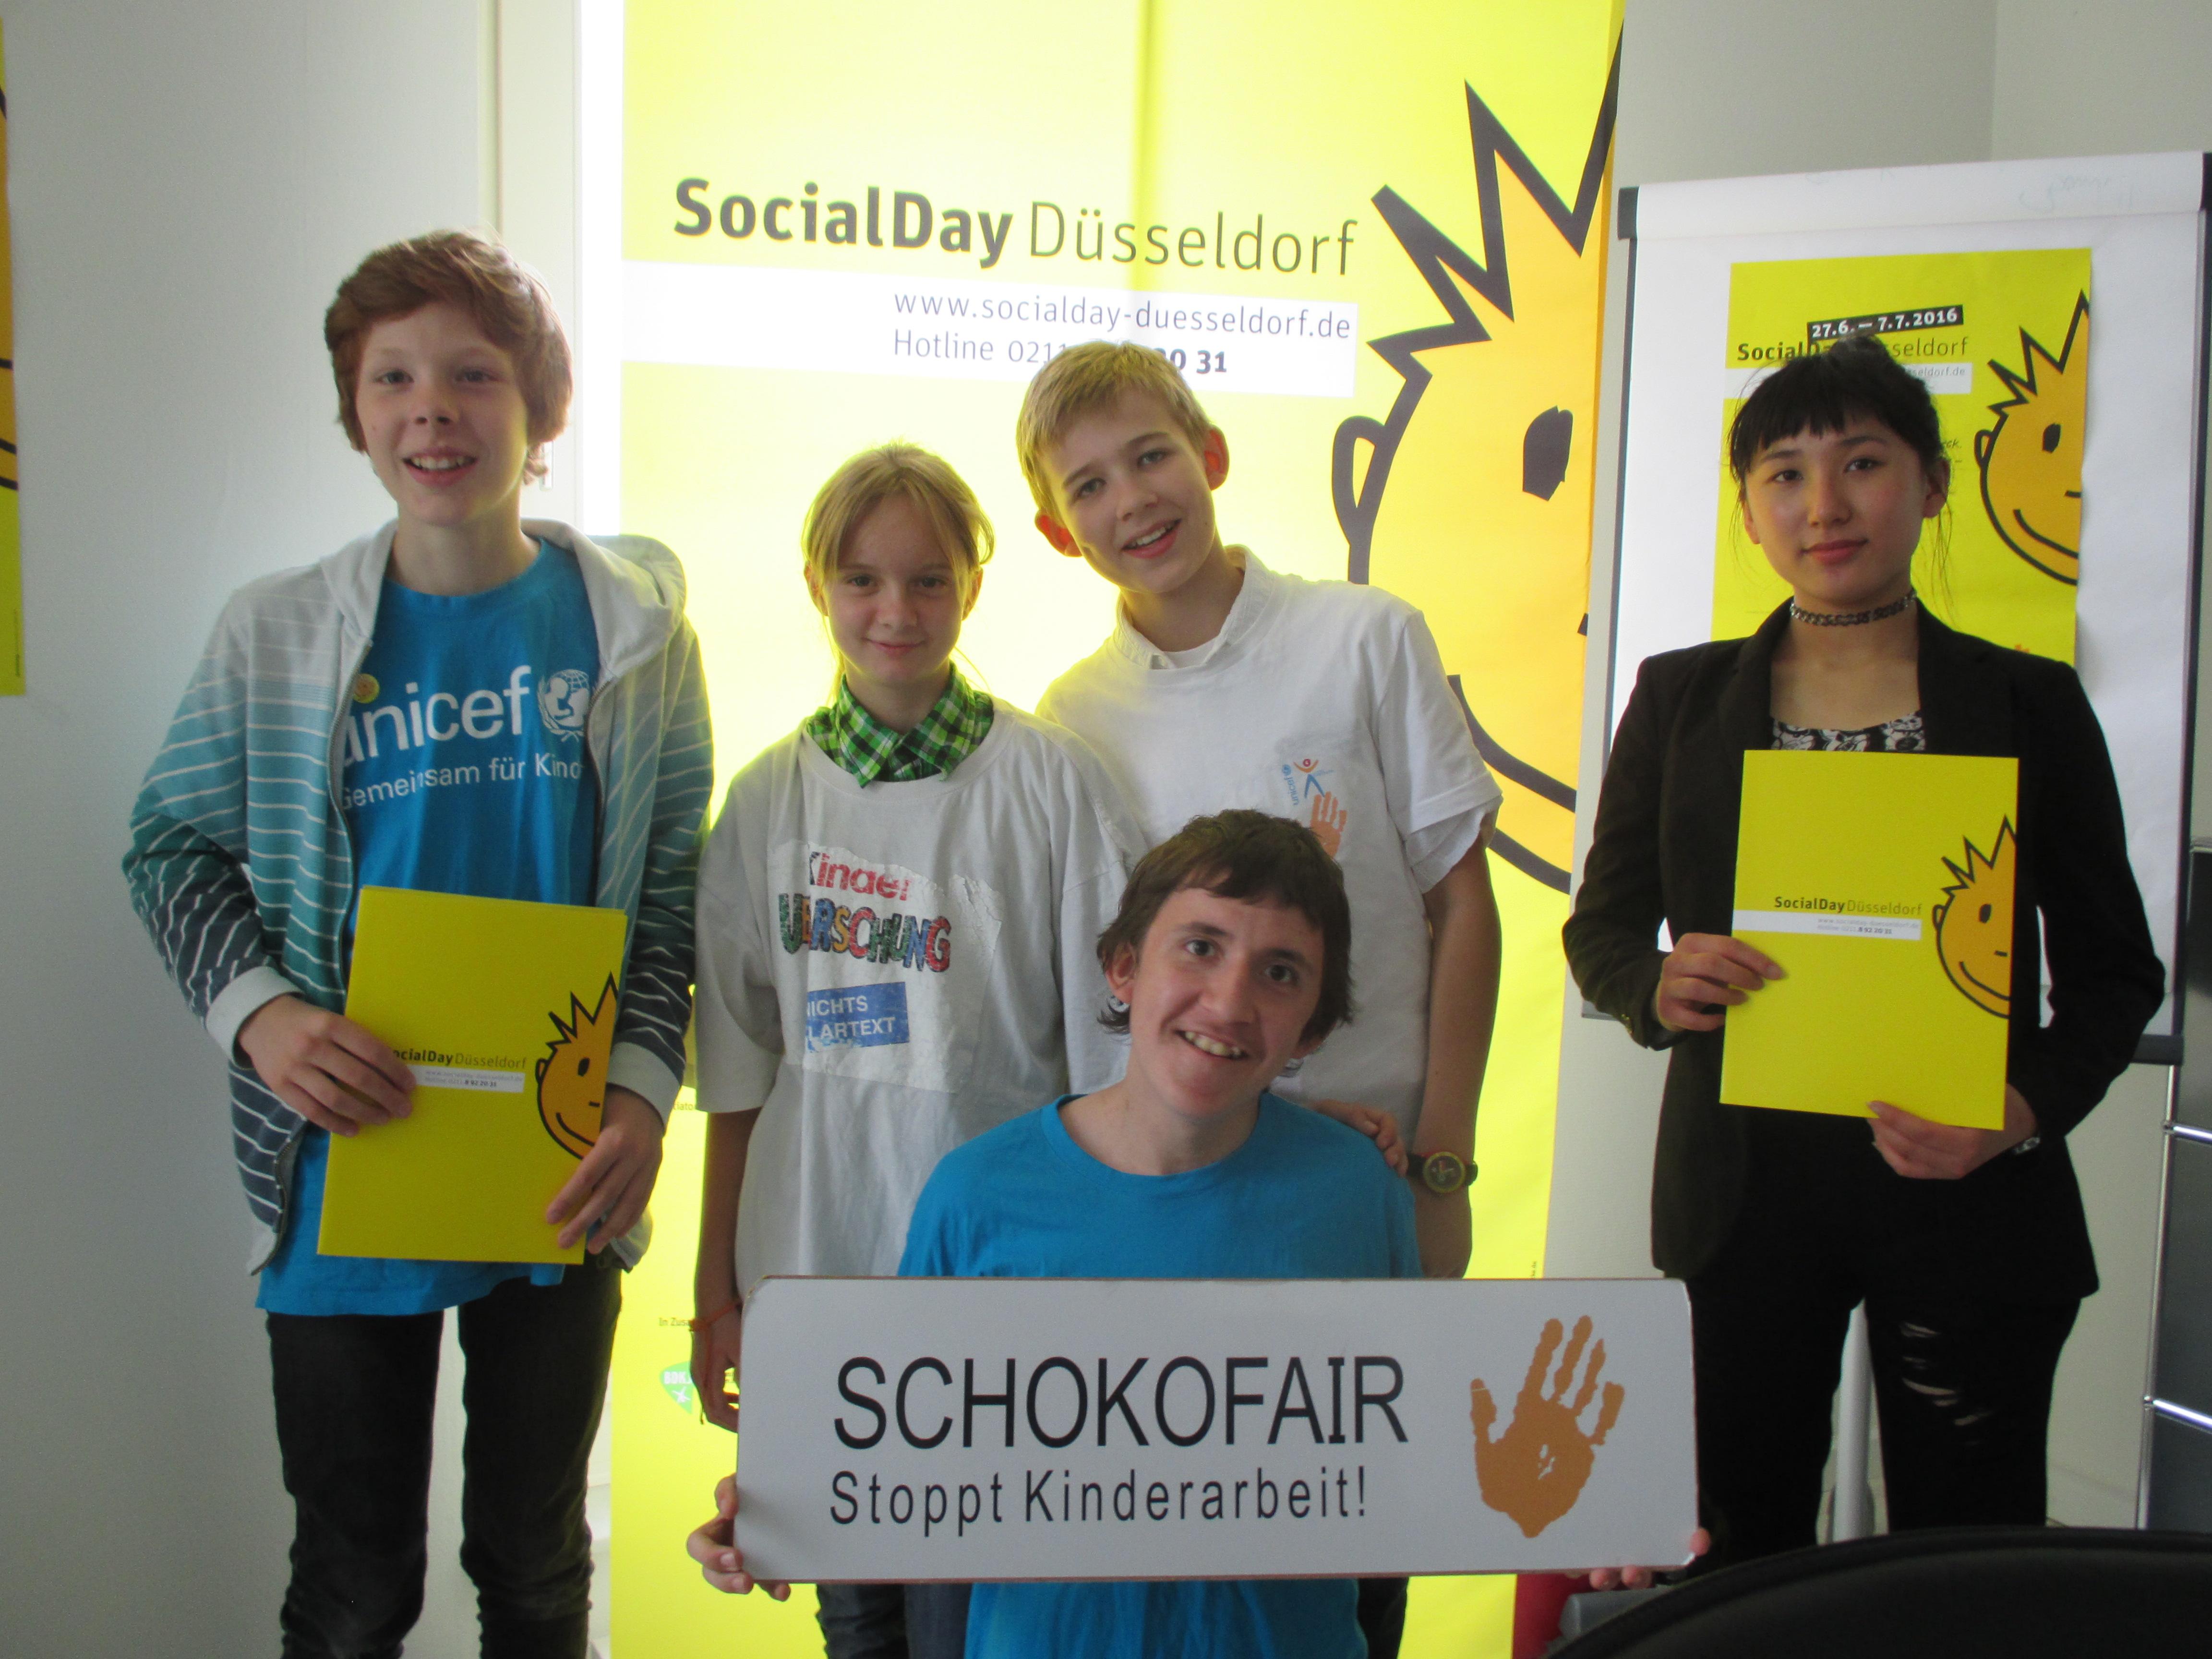 Kasimir, Joelina, Miko (Schokofair), Leiling vom Görresgymnasium und vorne: Nico (Schokofair) (Foto: Jugendring Düsseldorf)